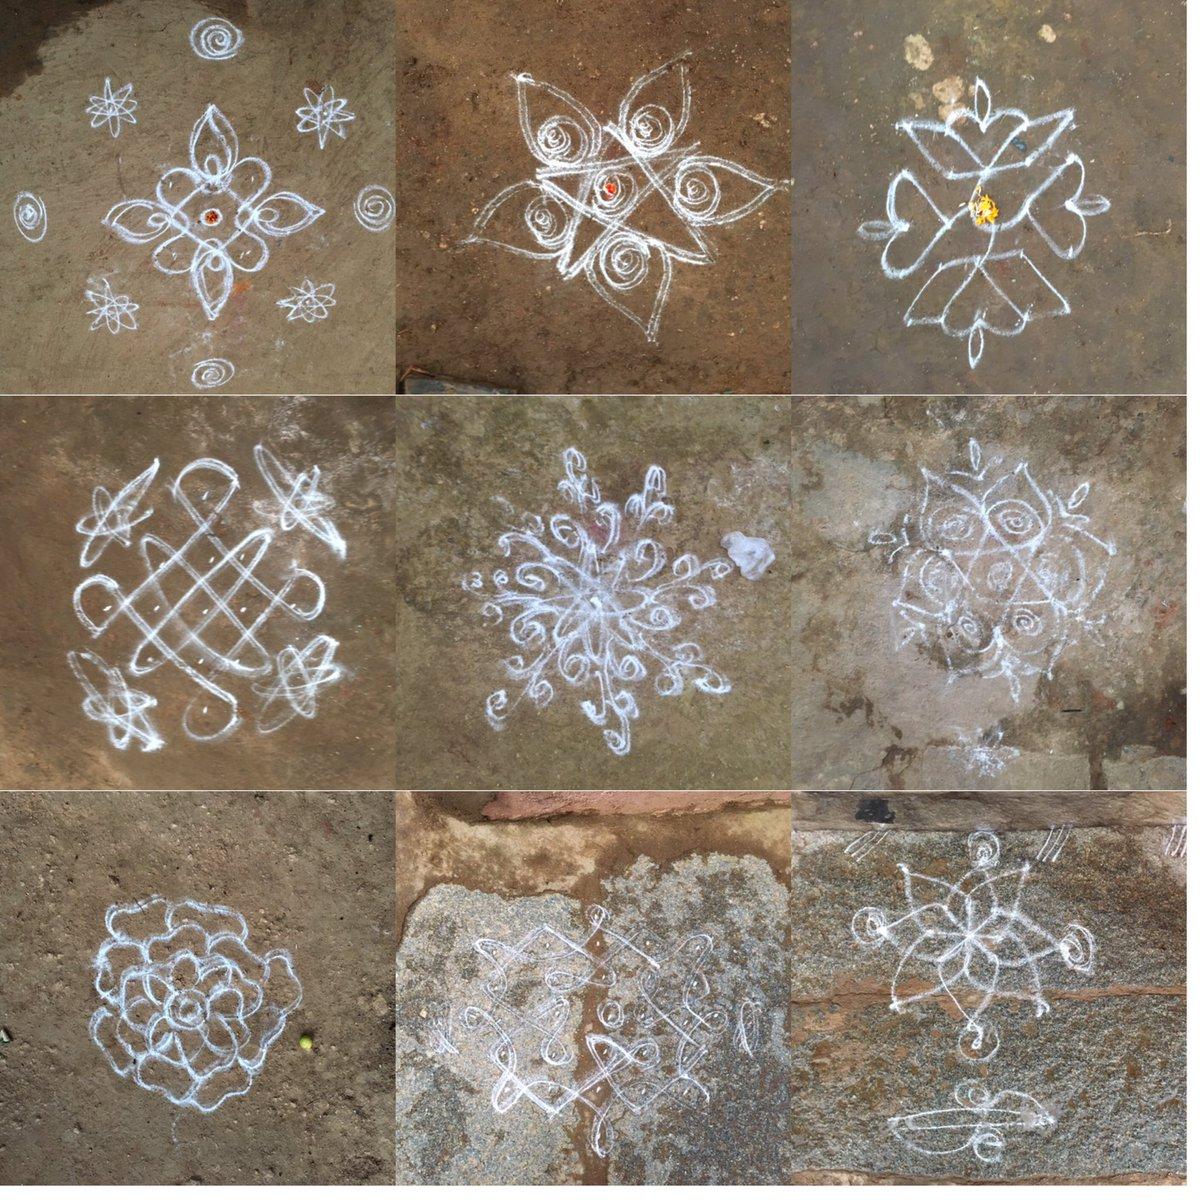 朝起きて暇だったので村中のコーラム(ヒンドゥー教家の門前に描かれる魔除け)集めてみた。シンプルなものから複雑なものまで様々。女性が石灰のようなもを使って器用に描いていた。 https://t.co/DuEDJsBj12